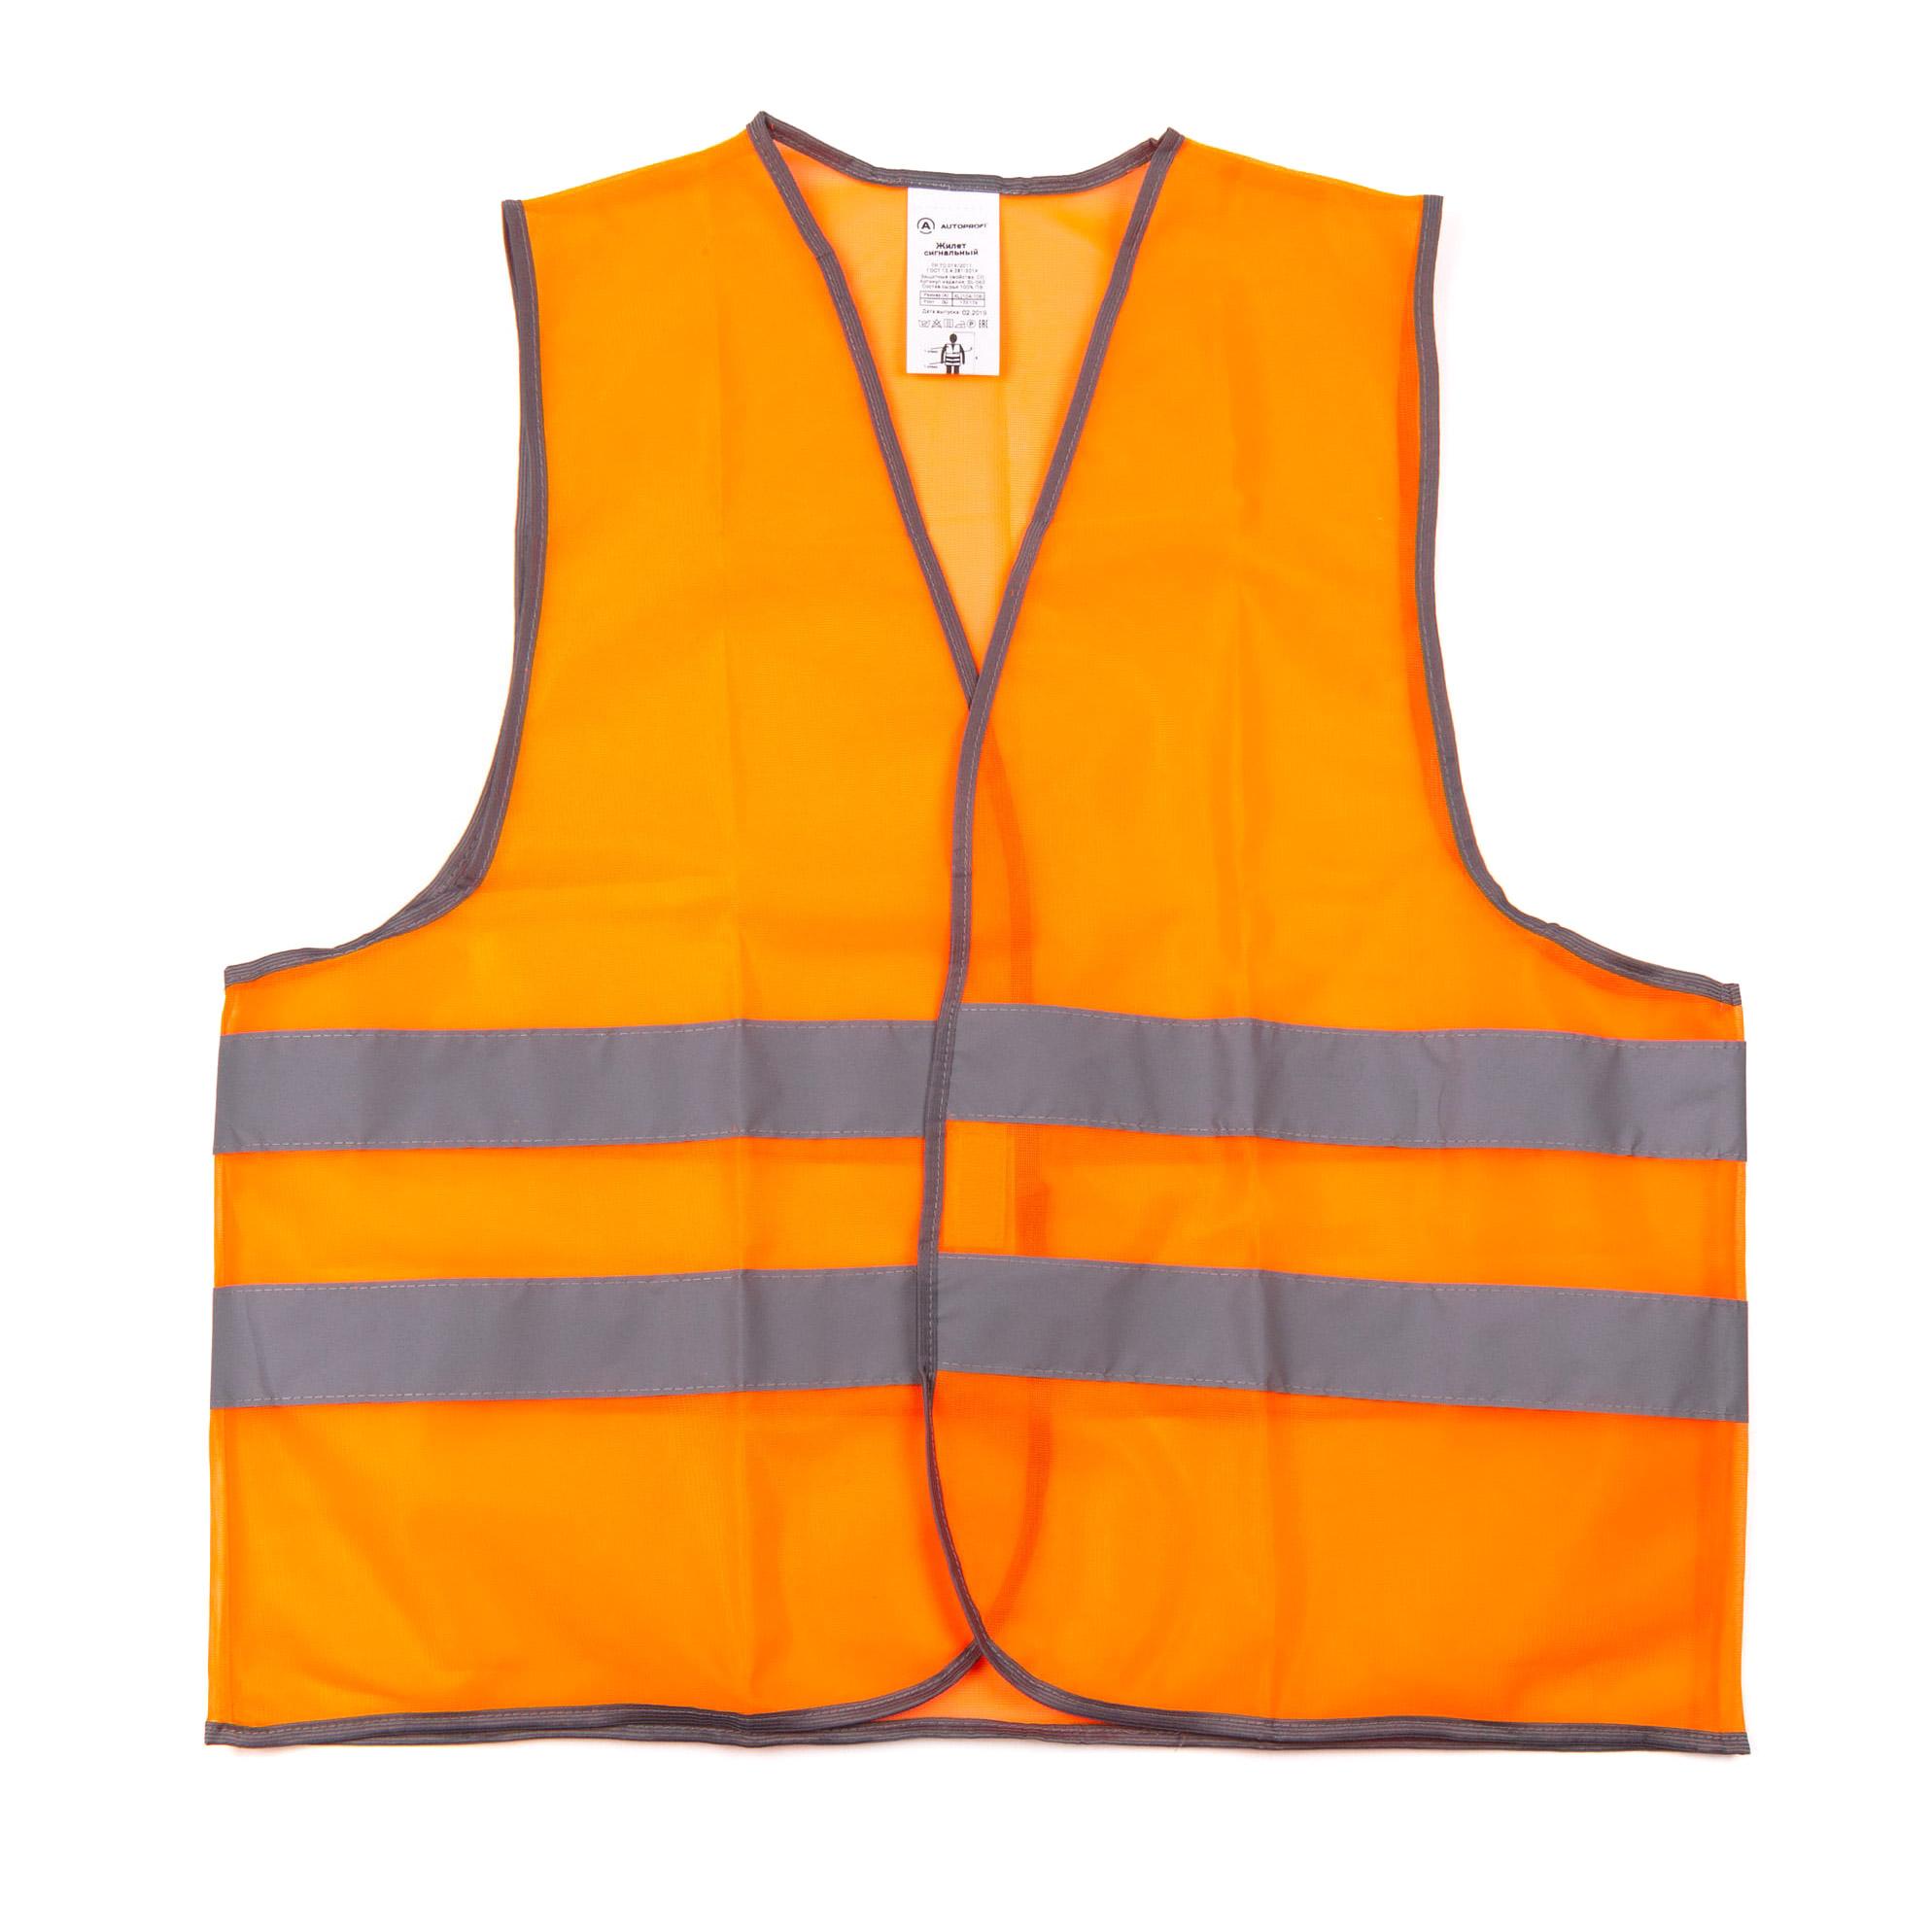 Жилет светоотражающий оранжевый Autoprofi размер 52-54 autoprofi быстрый старт 0 52 л